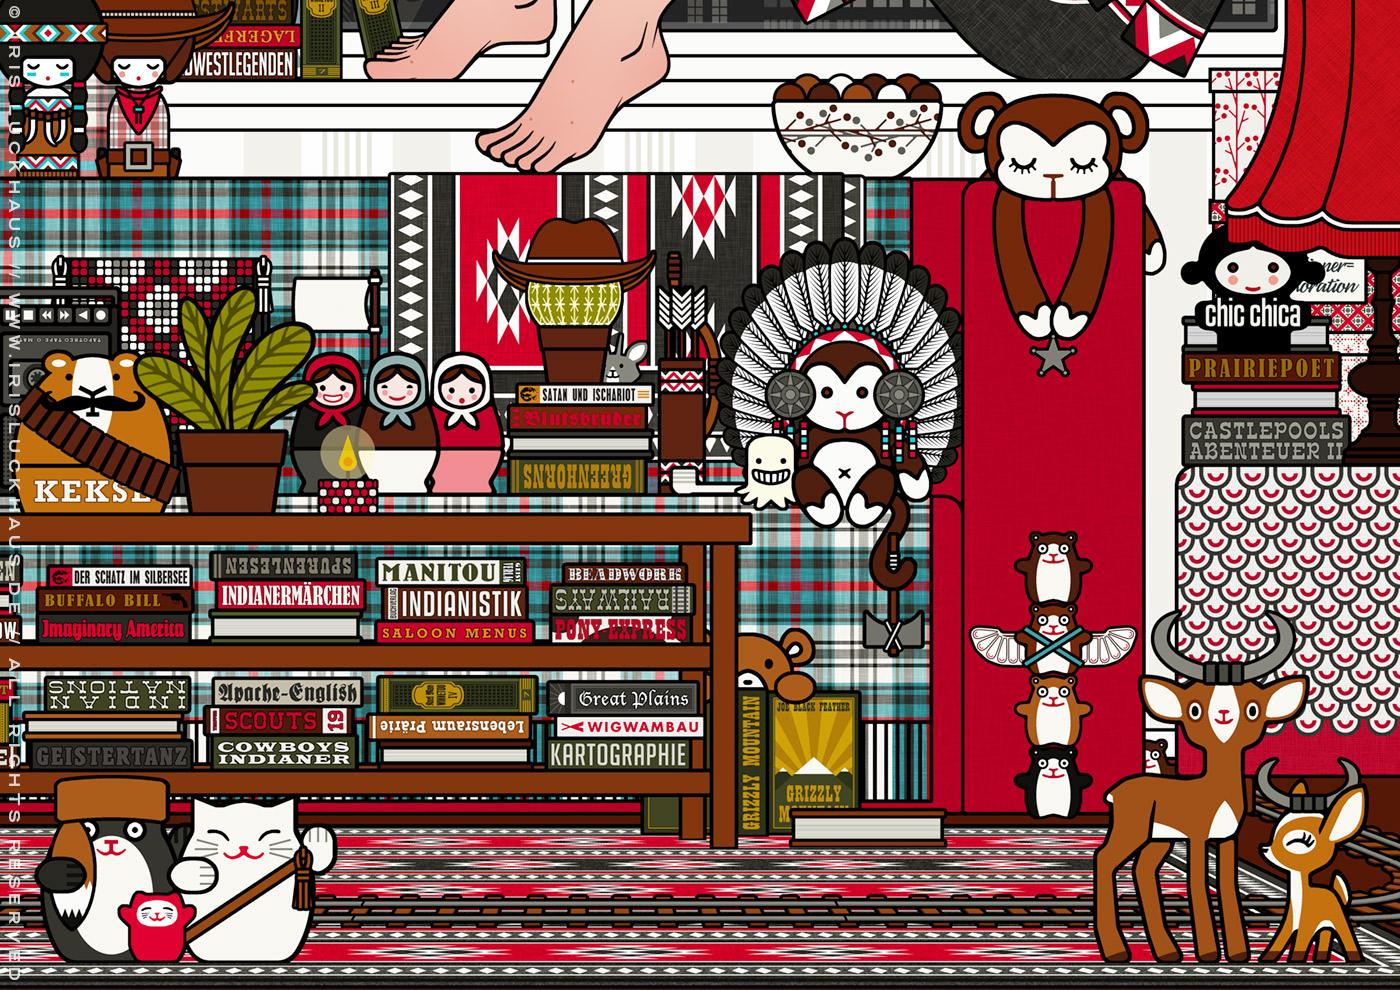 Ausschnitt aus Lily Lux als Mädchen auf Zimmerreise in den Wilden Westen mit Büchern, Cowboy-, Cowgirl- und Indianerfiguren, für Anthologie Hugh! Winnetou für Edition 52